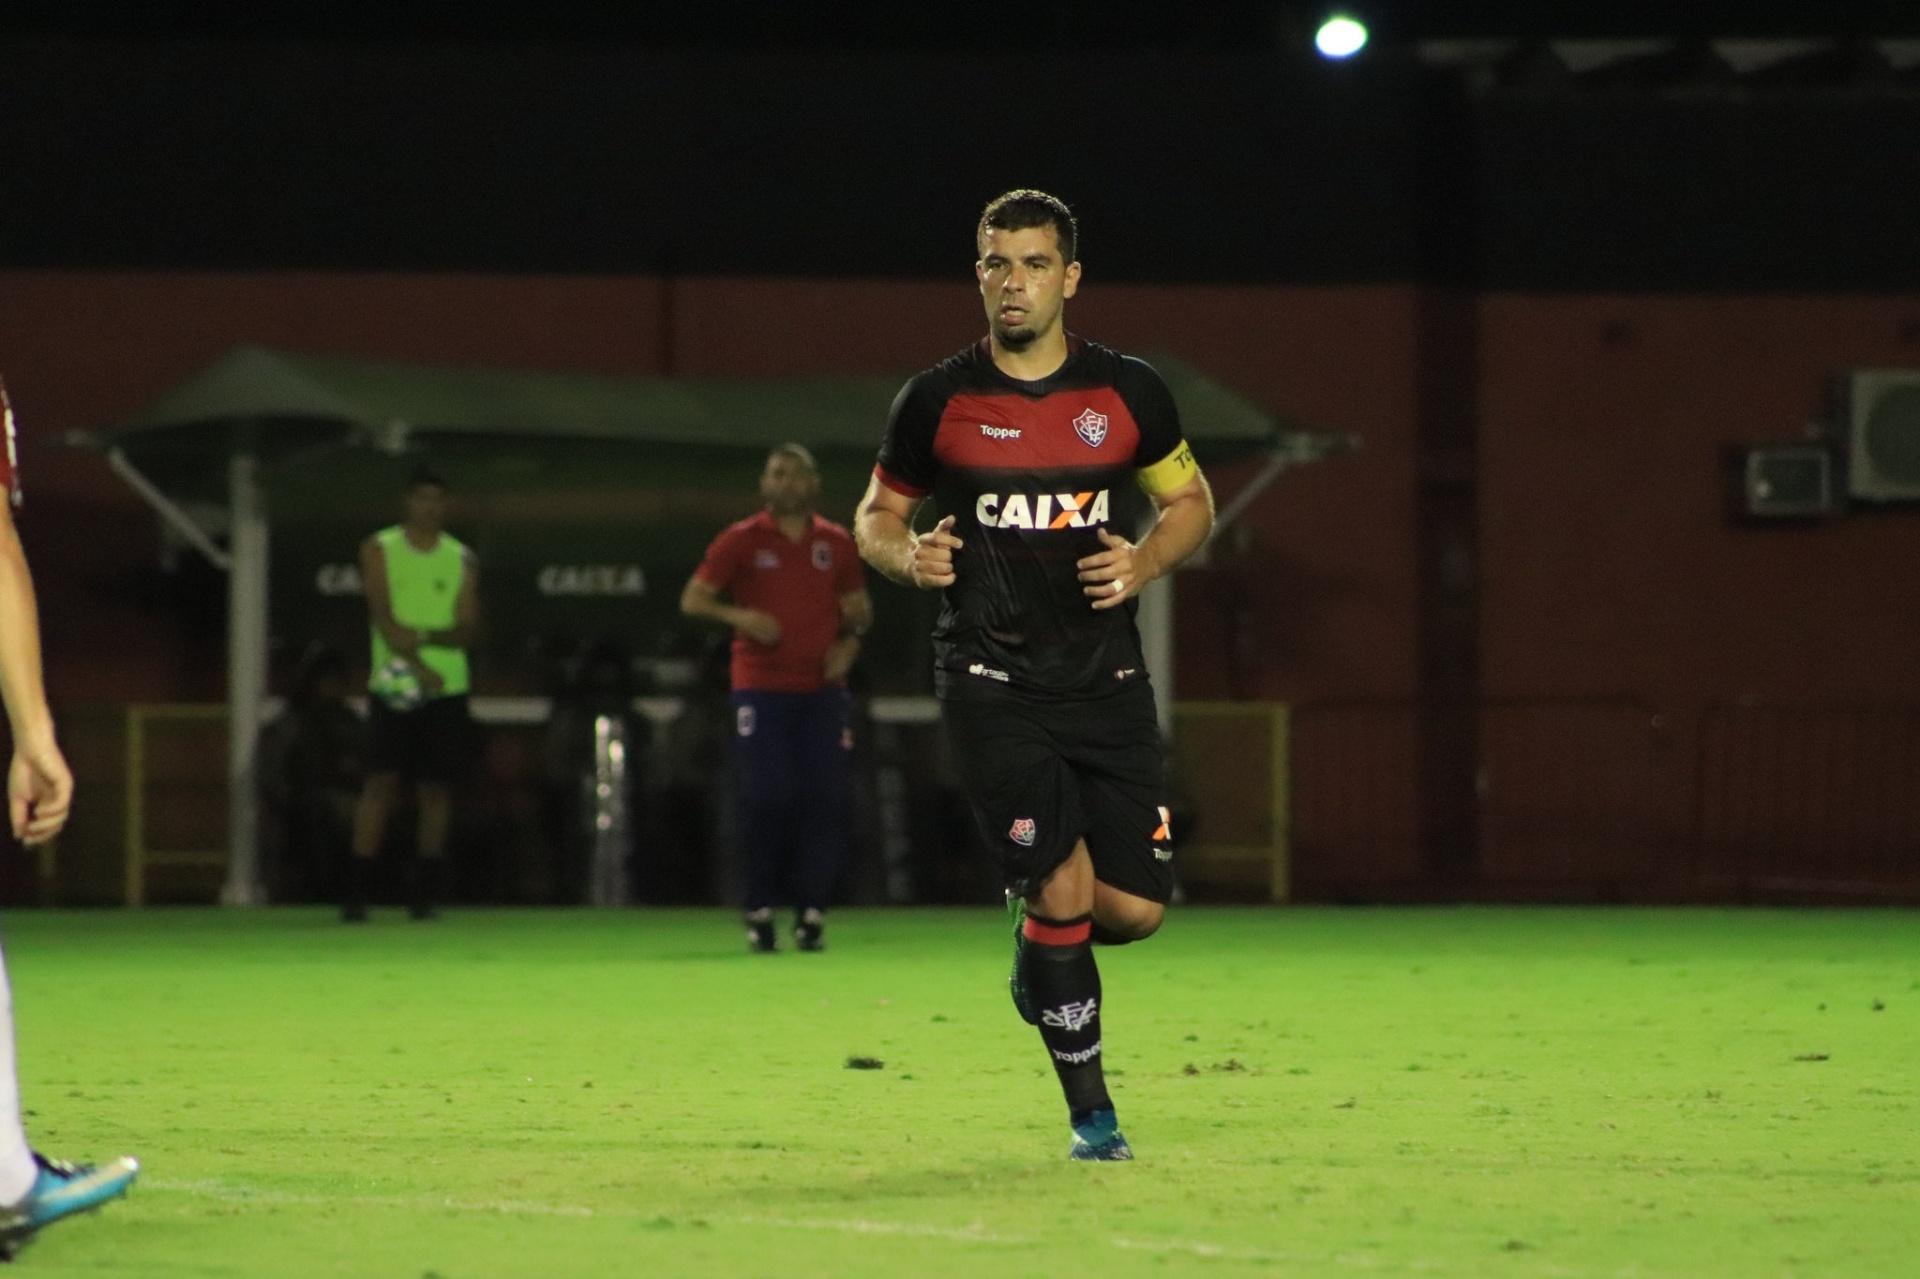 Vitória vence com gol de André Lima e mantém Paraná na zona de rebaixamento  - 18 07 2018 - UOL Esporte 003be35cd915a